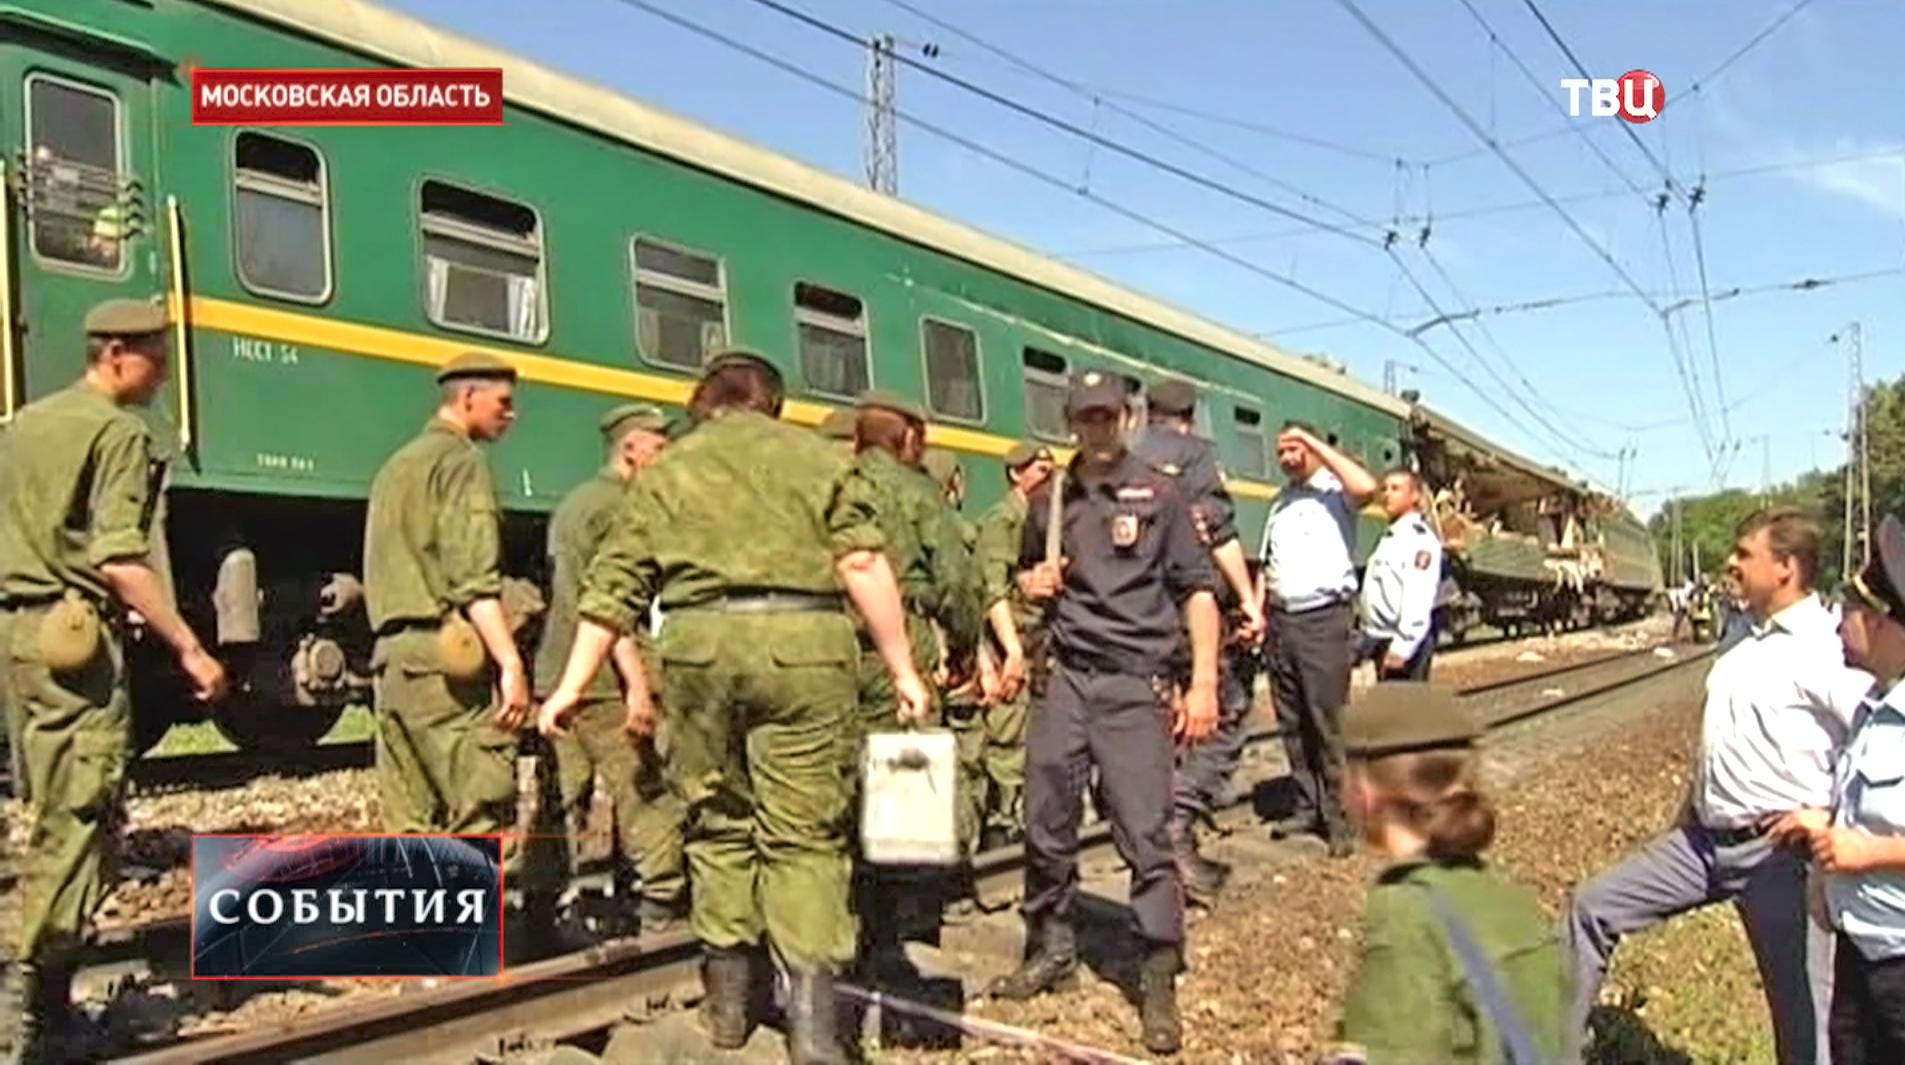 Полиция и служба спасения на месте столкновения поездов в Подмосковье